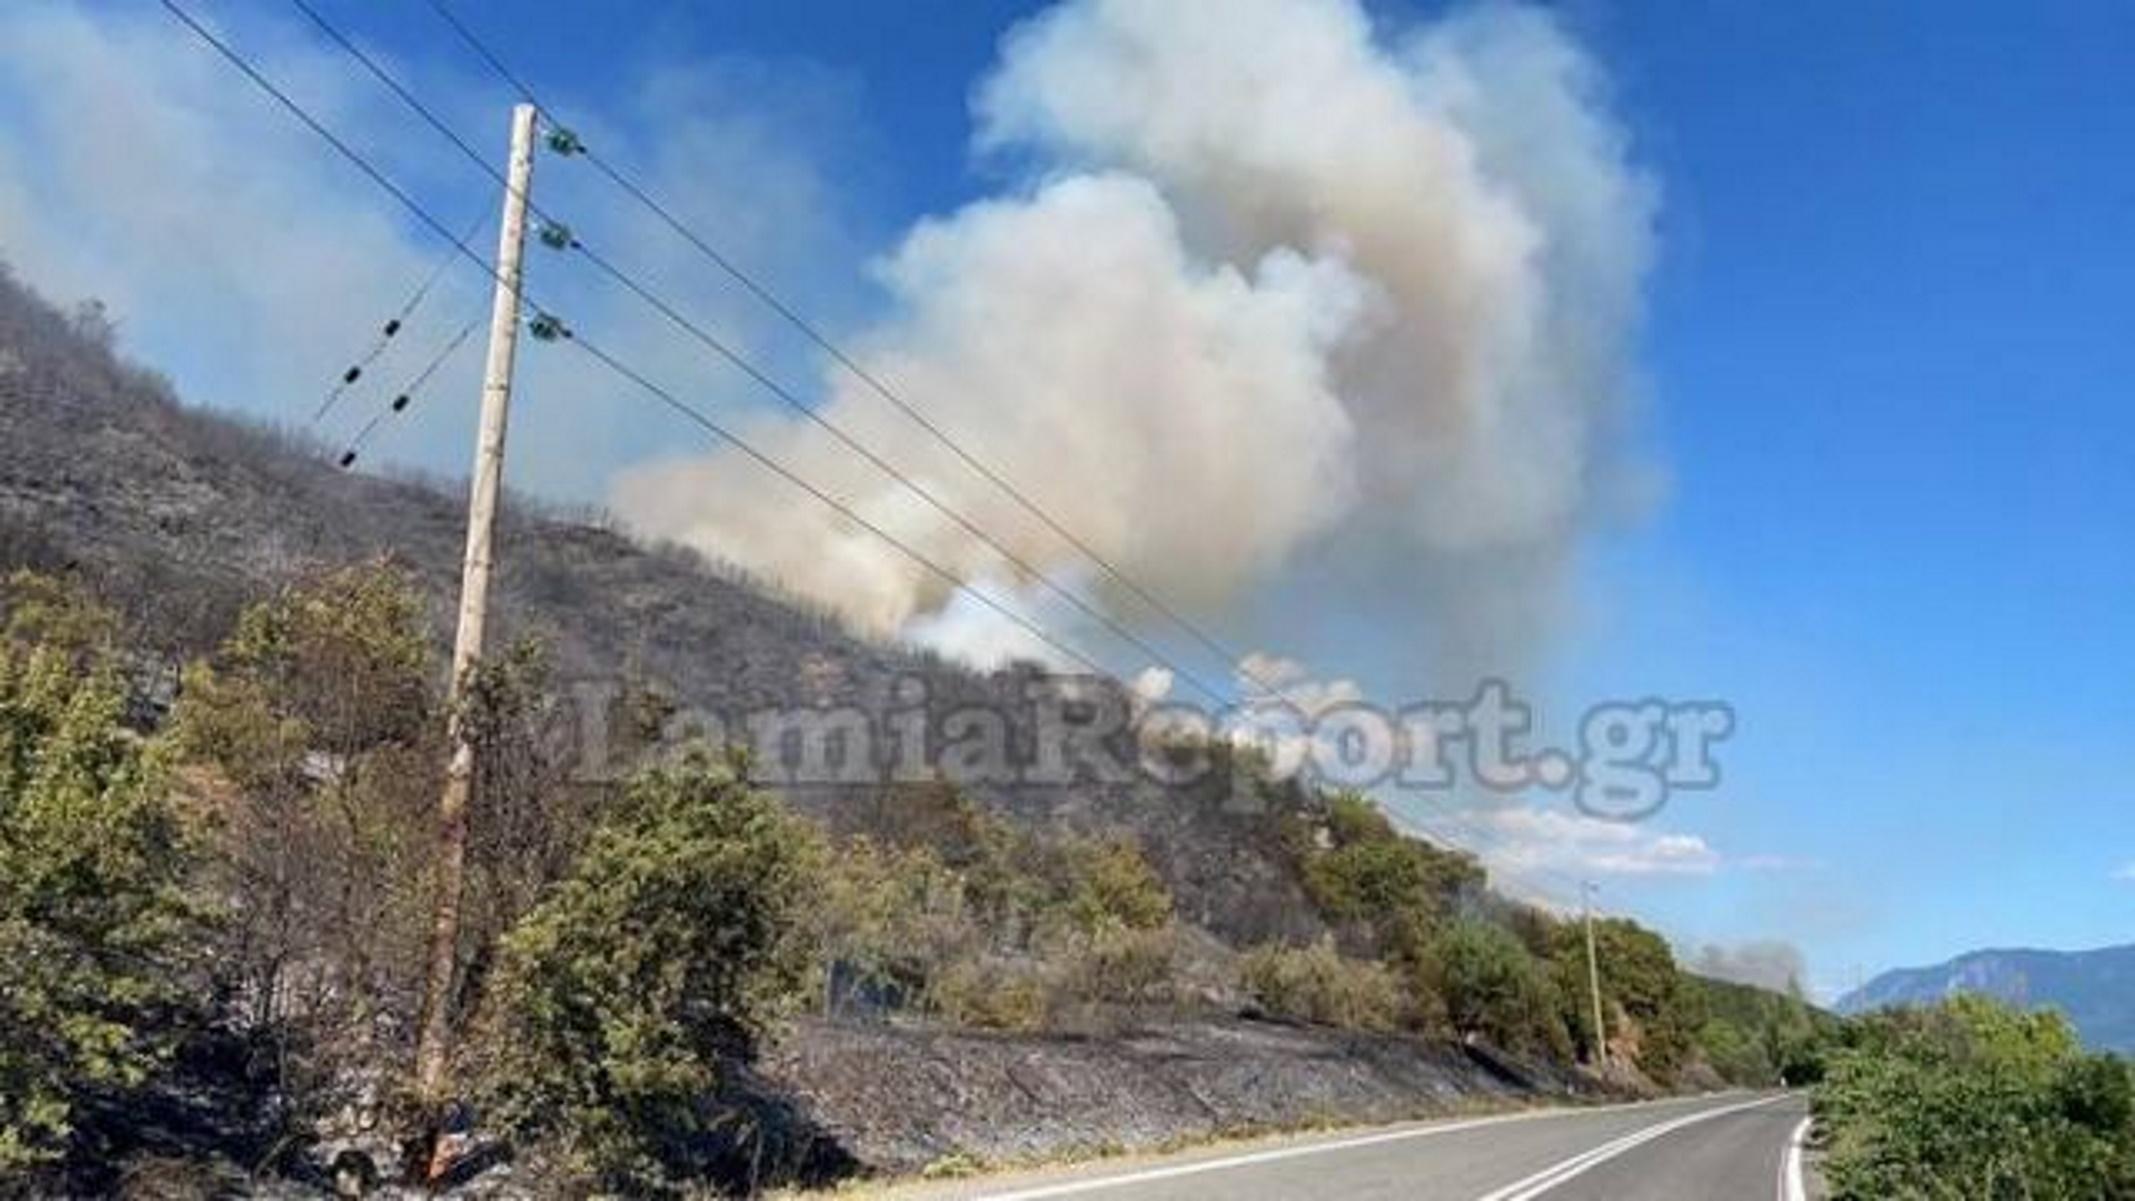 Φωτιά στη Μακρακώμη – Απειλούνται σπίτια – Έκλεισε ο δρόμος Λαμίας – Καρπενησίου (pics)